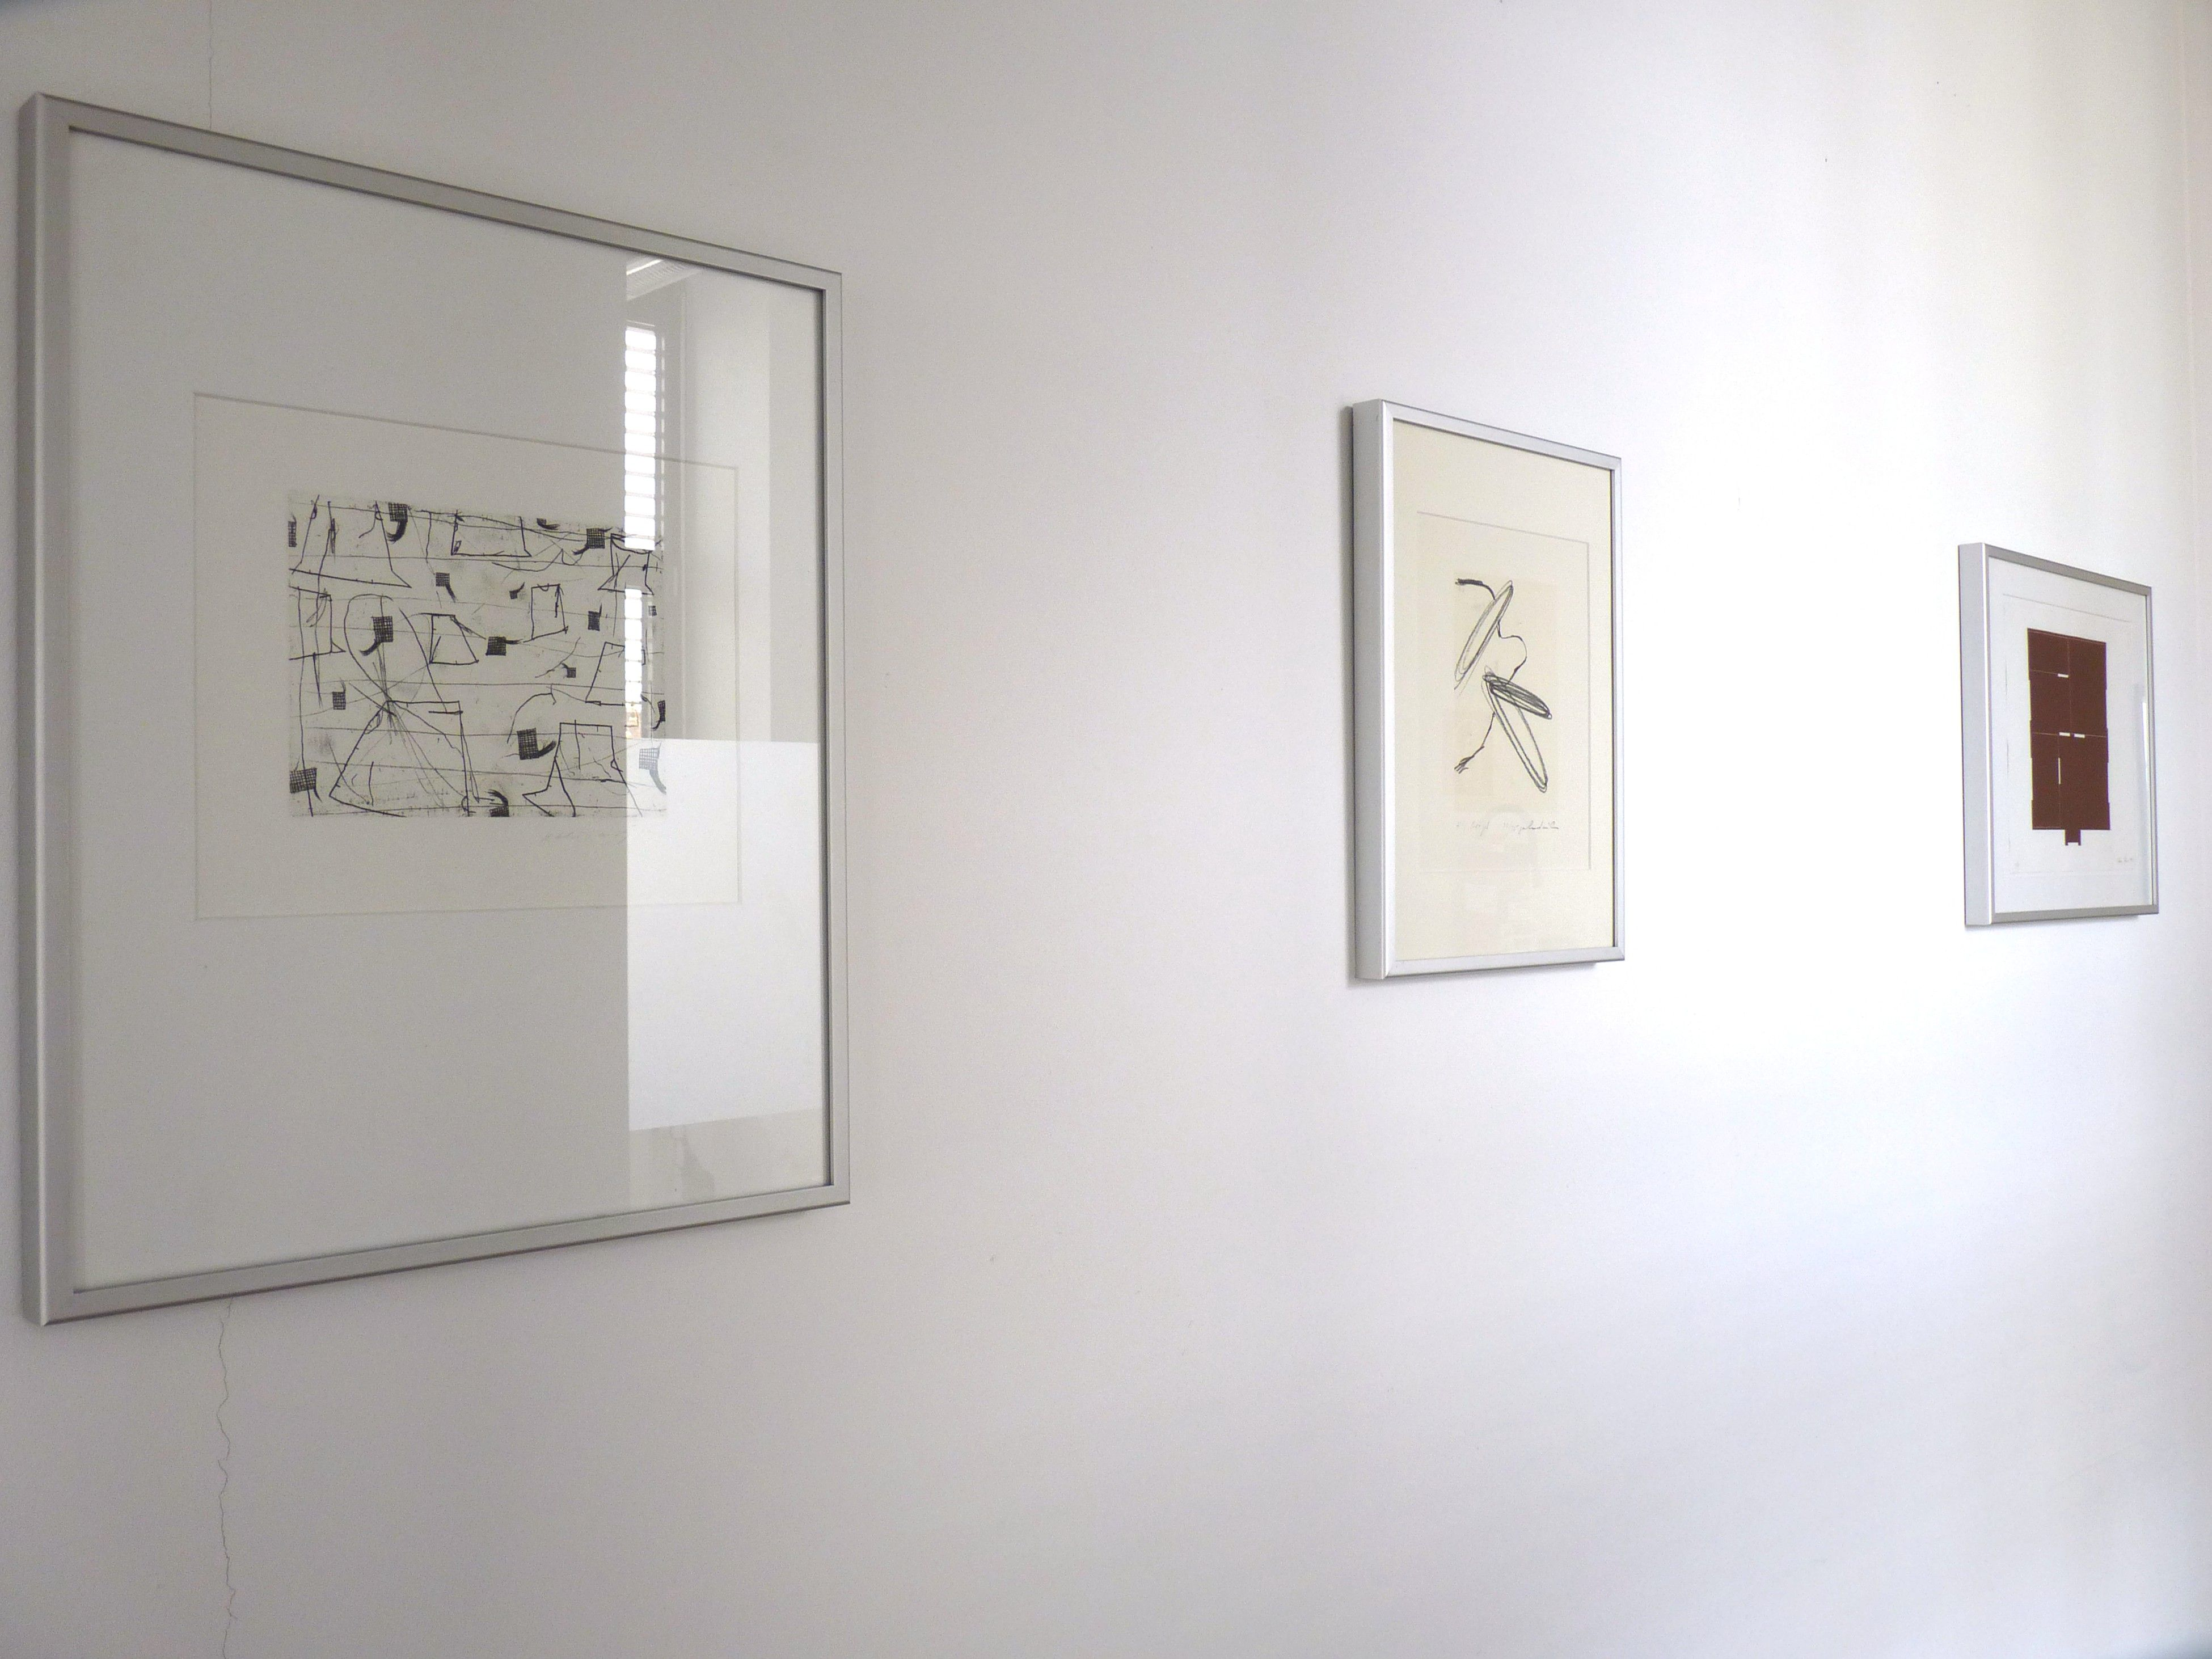 Bilder Von Der Artothek Koln Verschonern Unsere Buroraume Buroraume Buero Und Raum